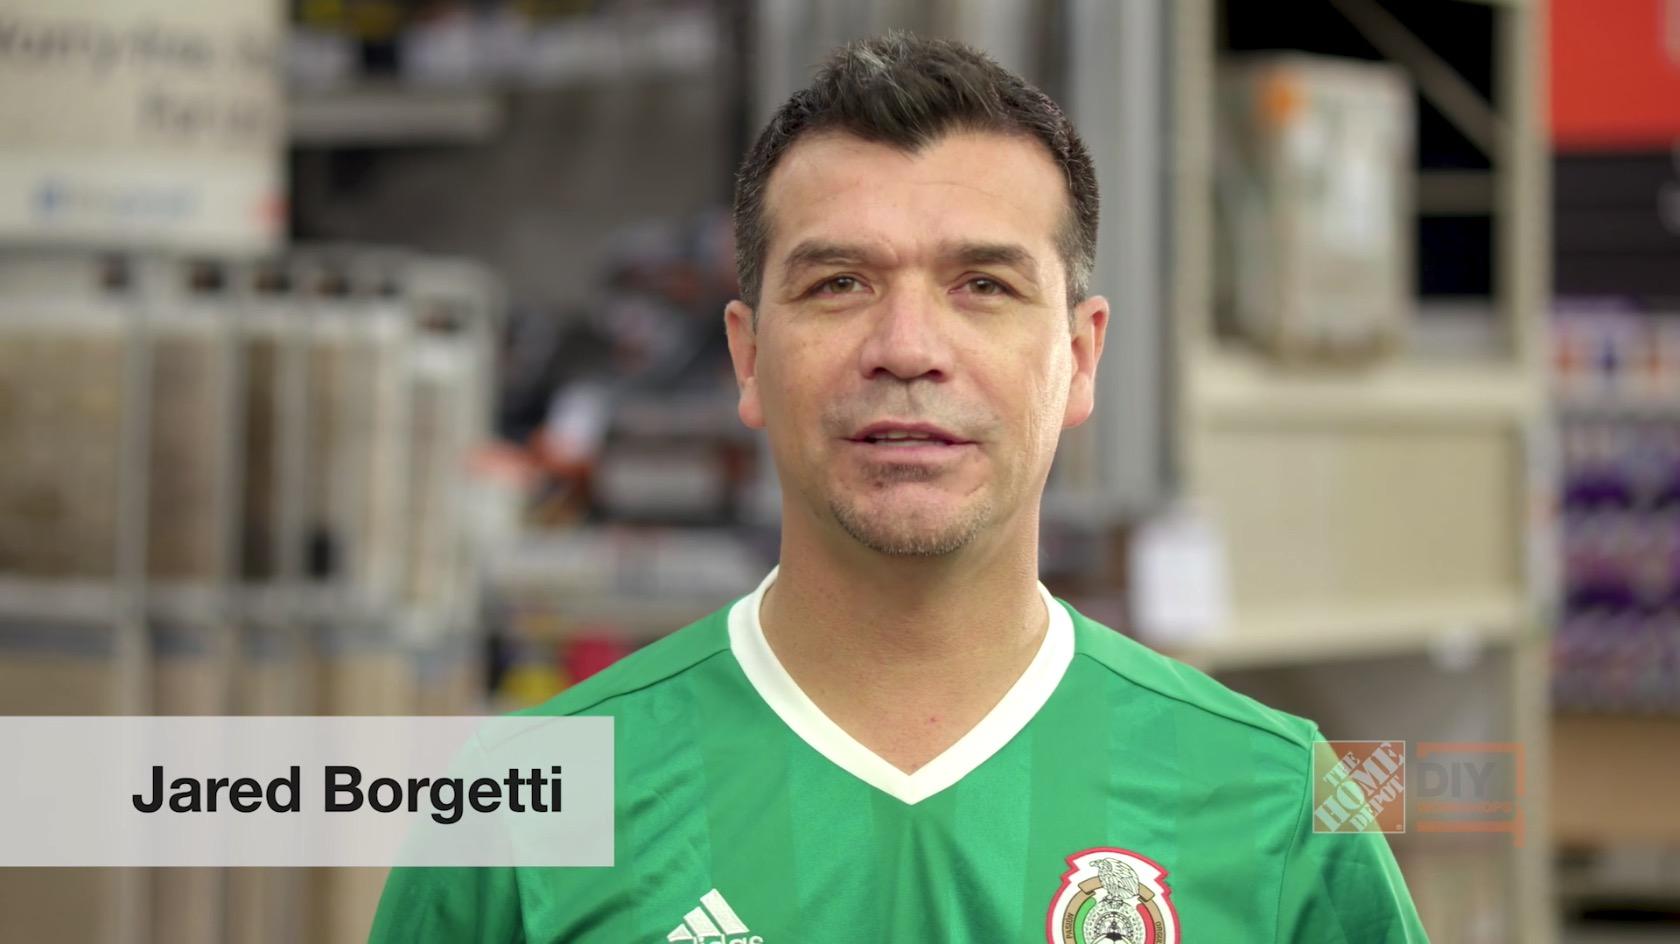 Jared Borgetti